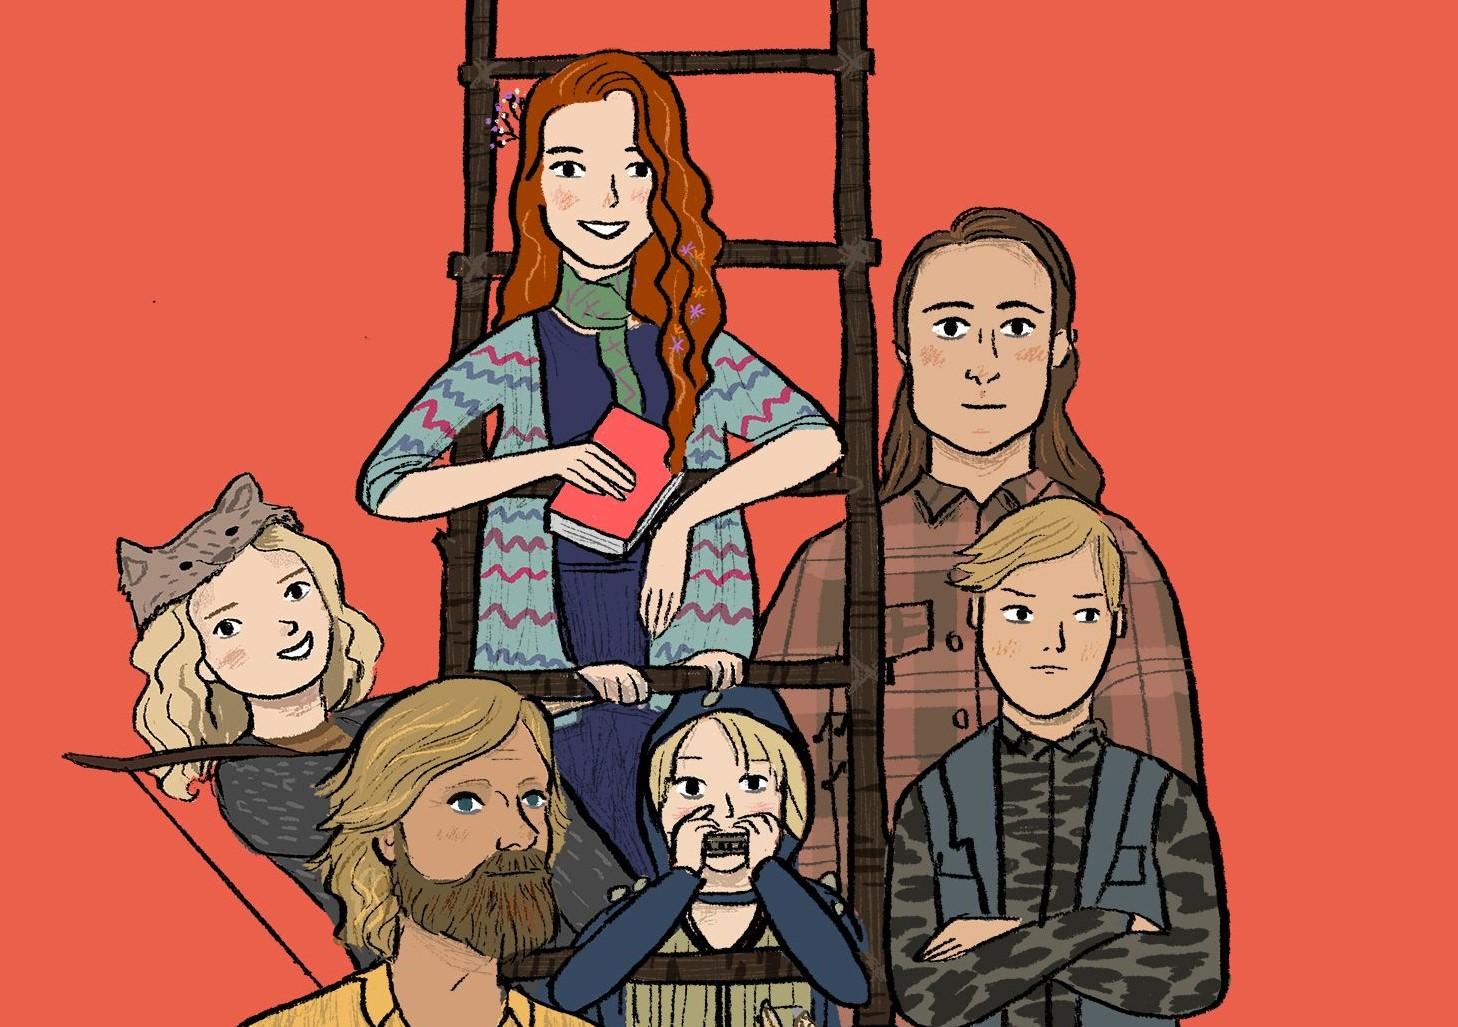 Captain Fantastic secondo l'illustrazione di Emmeline Pidgen